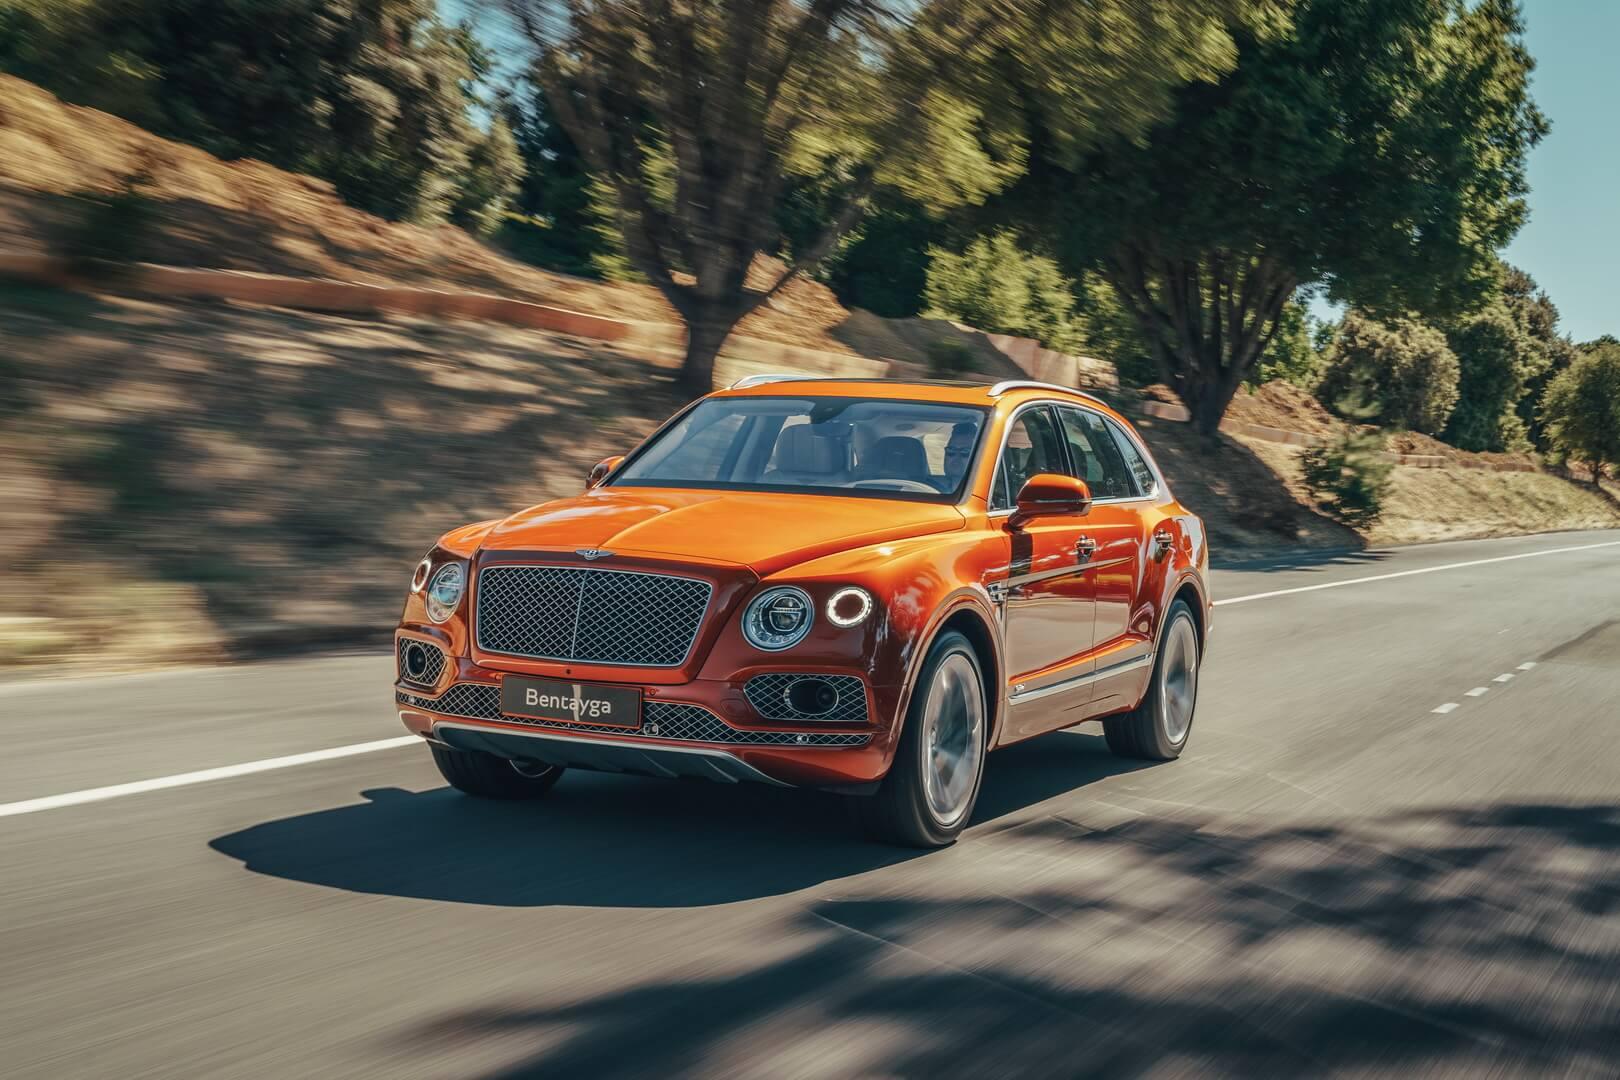 Ультра-роскошный плагин-гибридный кроссовер Bentley Bentayga Hybrid